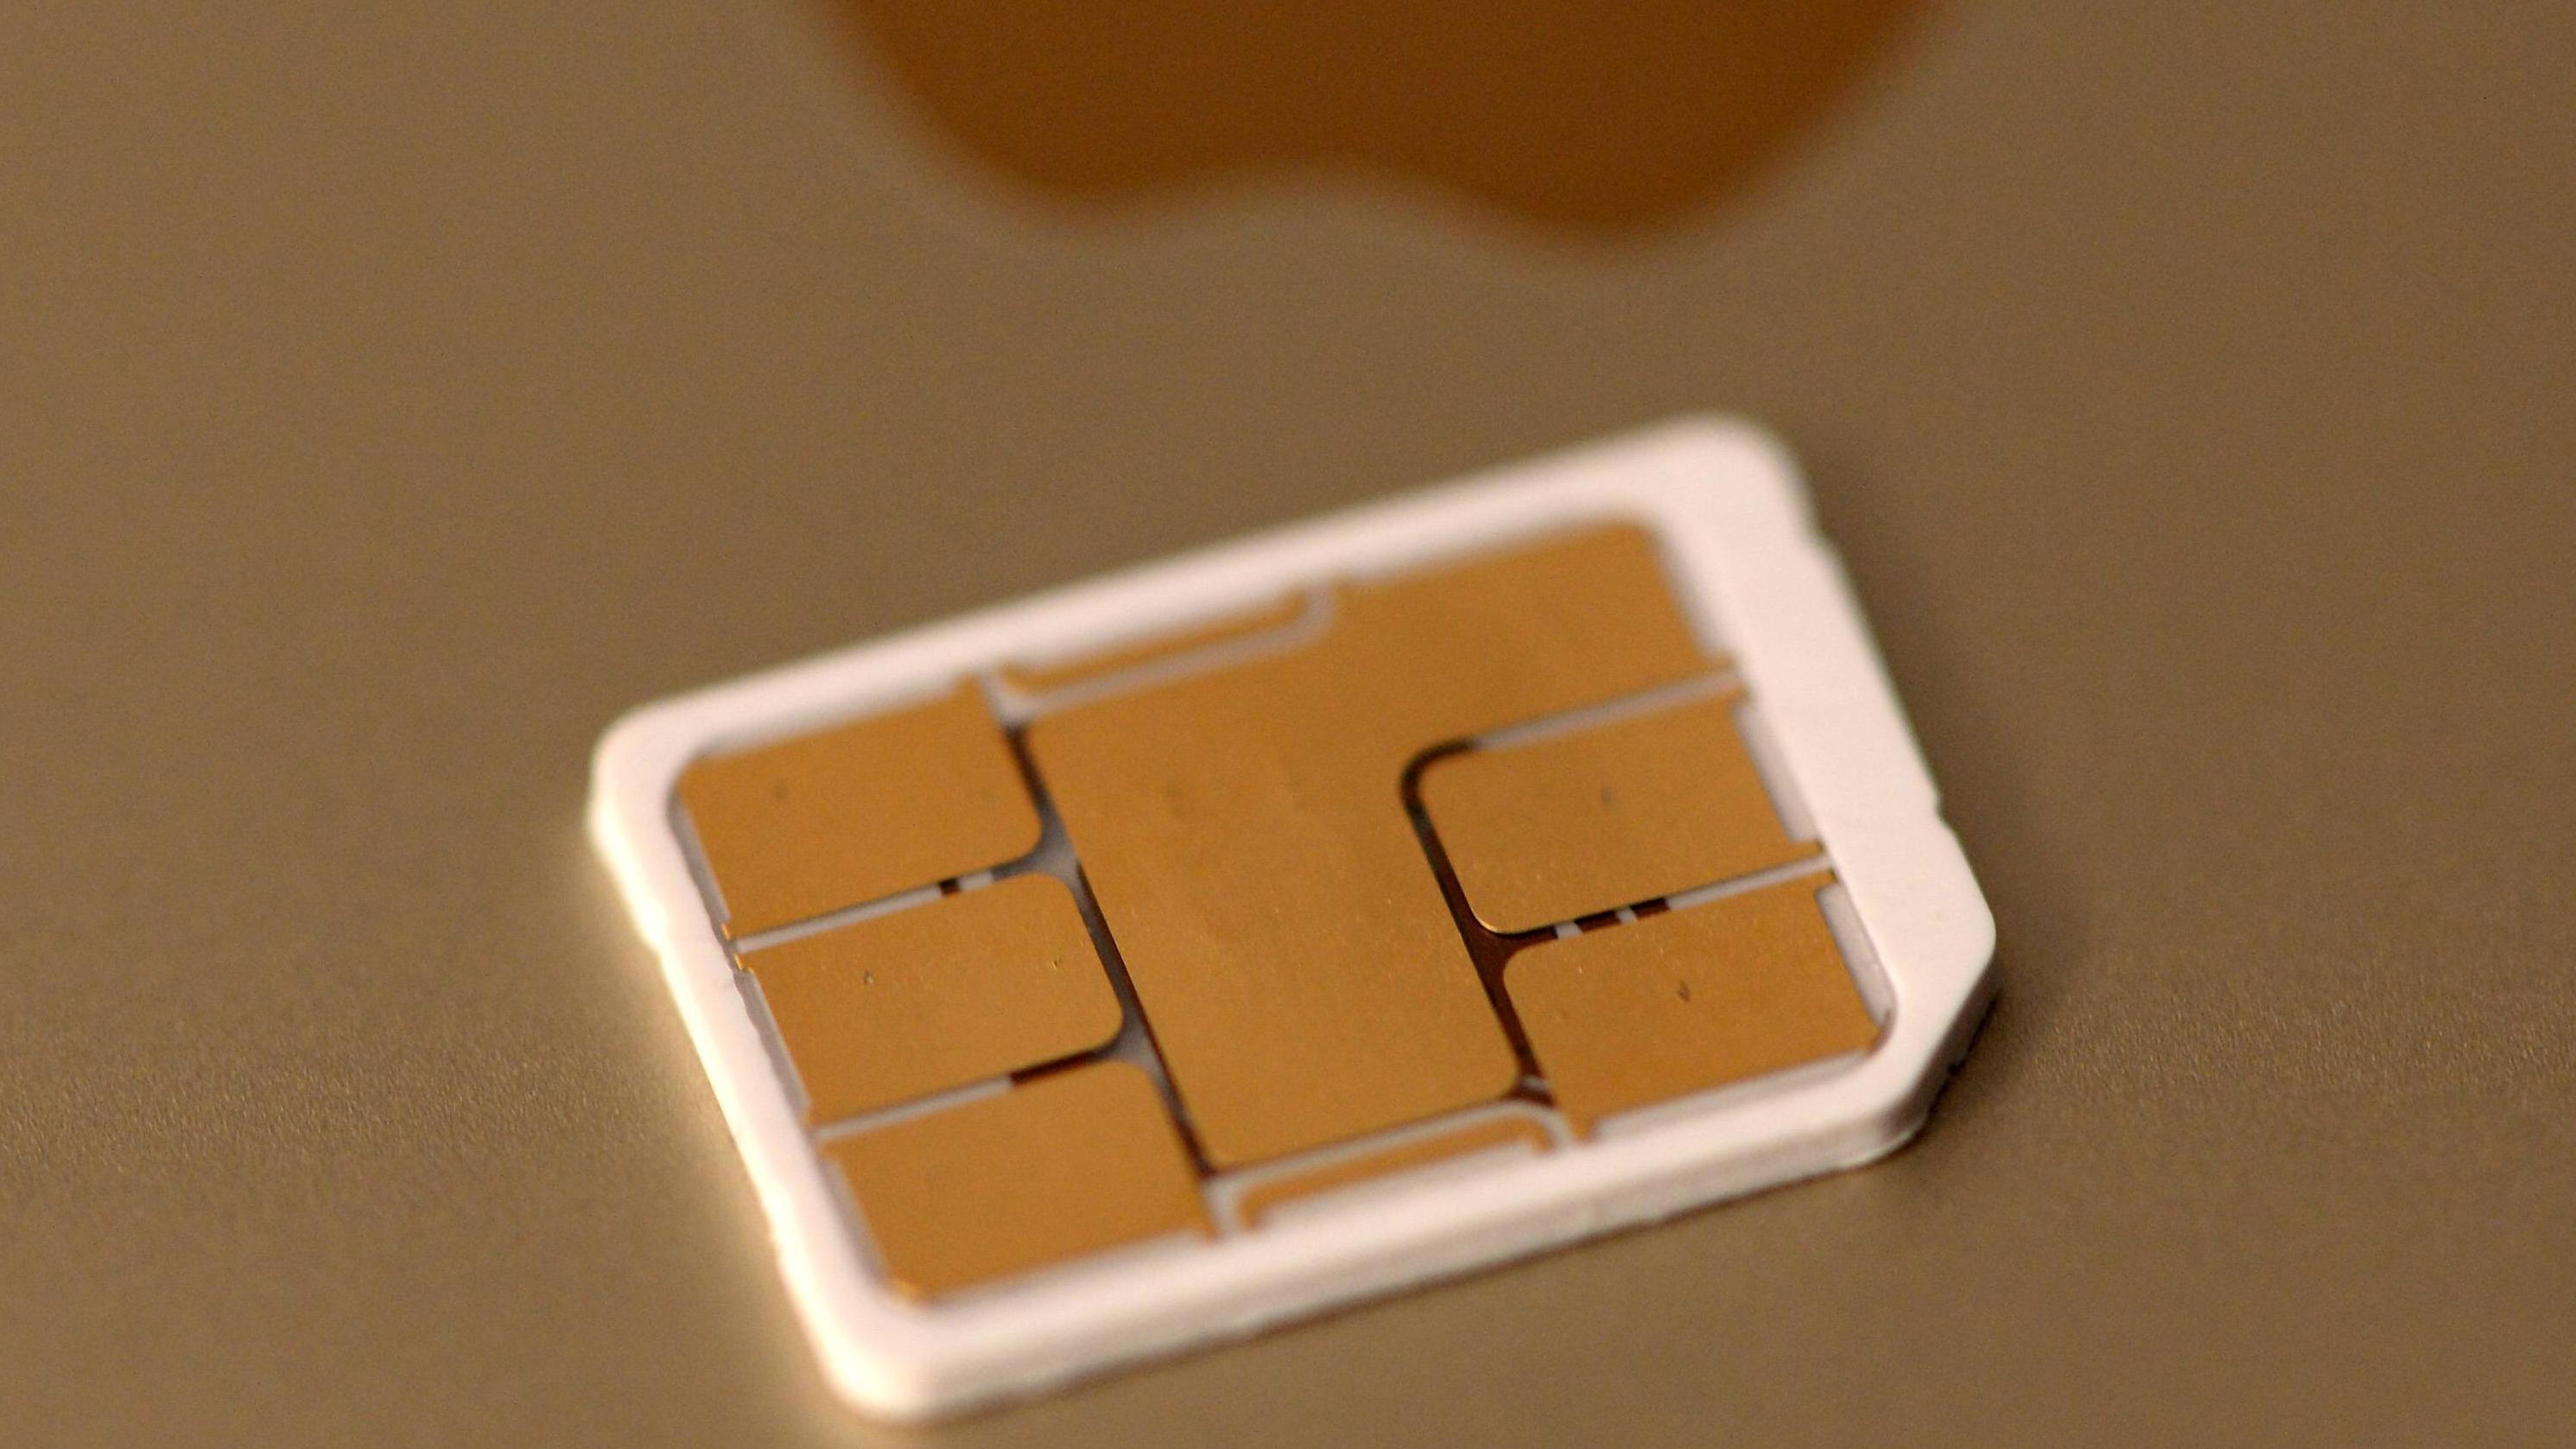 Beim iPhone X kommt eine Nano Sim-Karte zum Einsatz